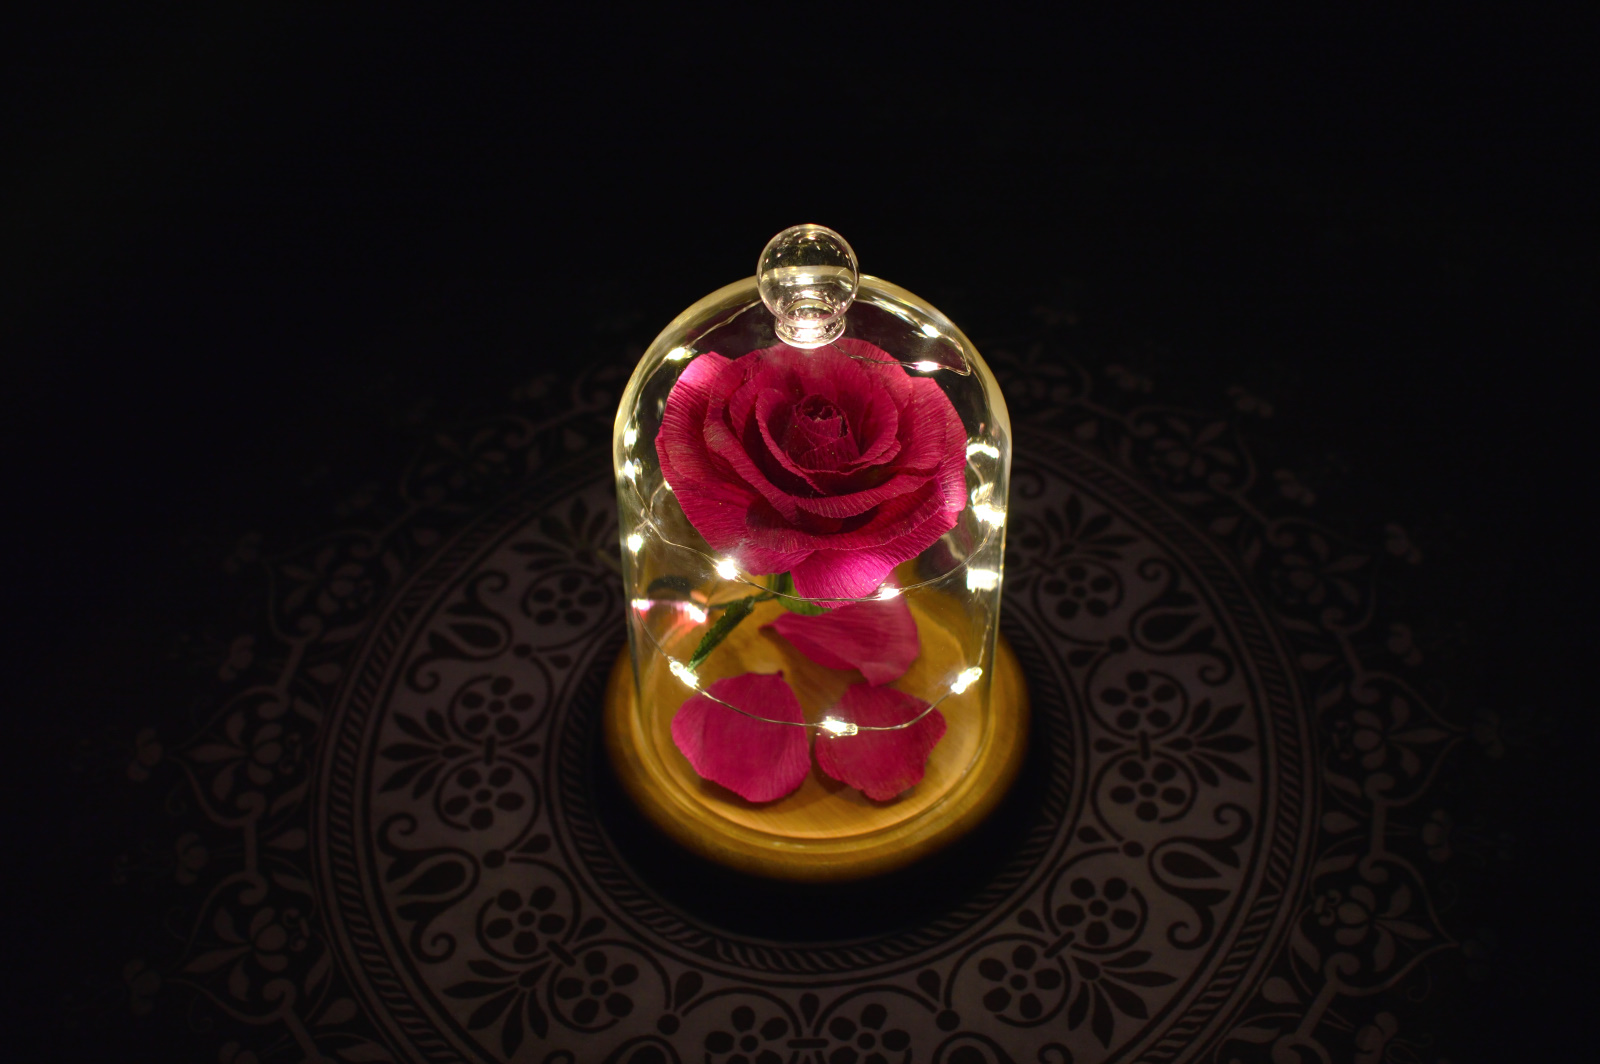 La rosa desde arriba